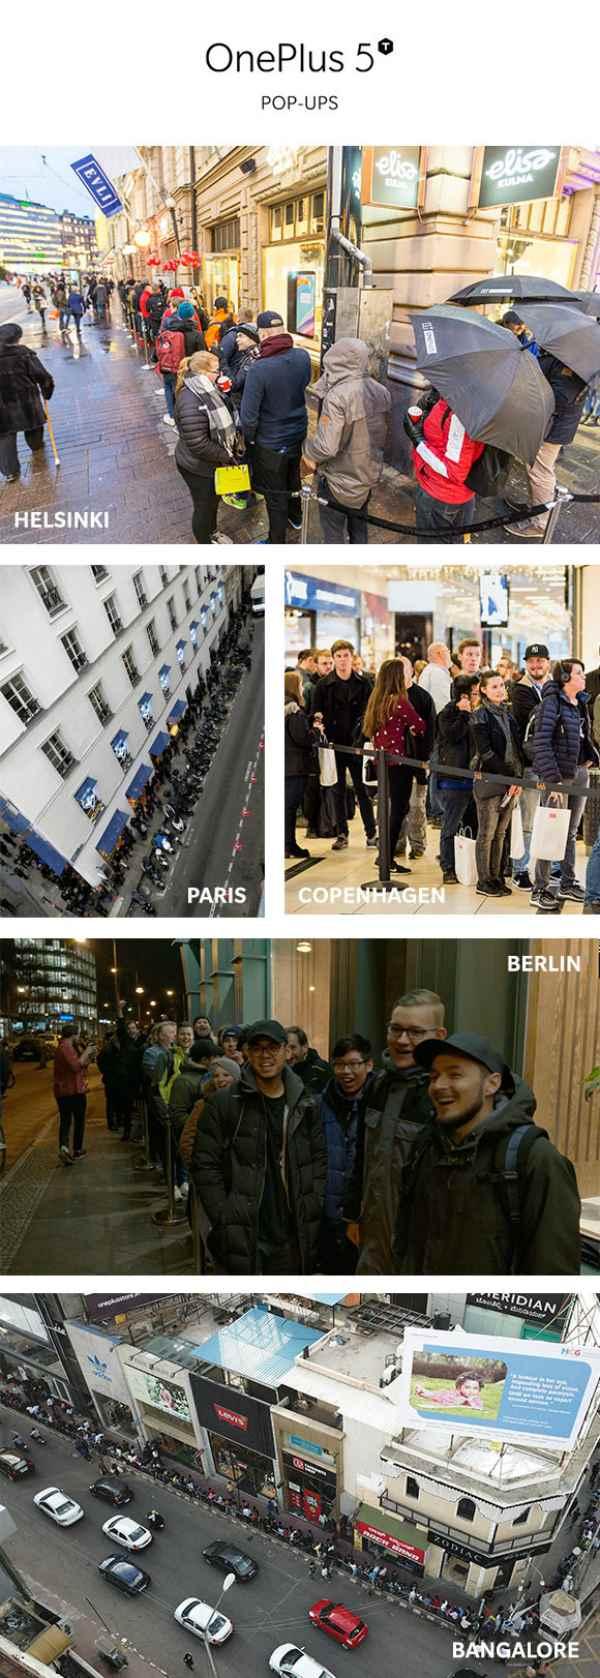 очередь за OnePlus 5T